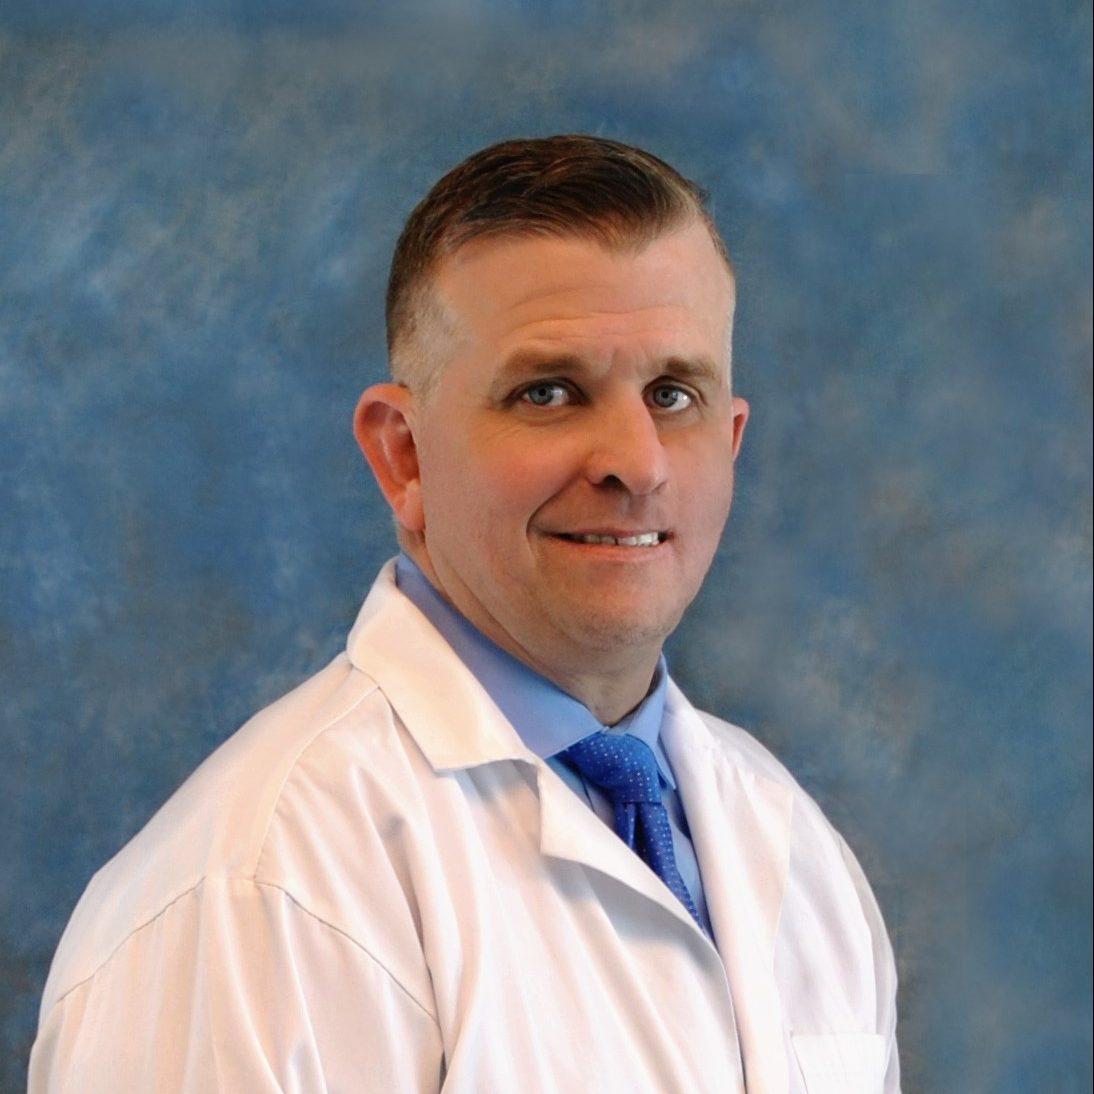 Dr. Chad W. Hammett